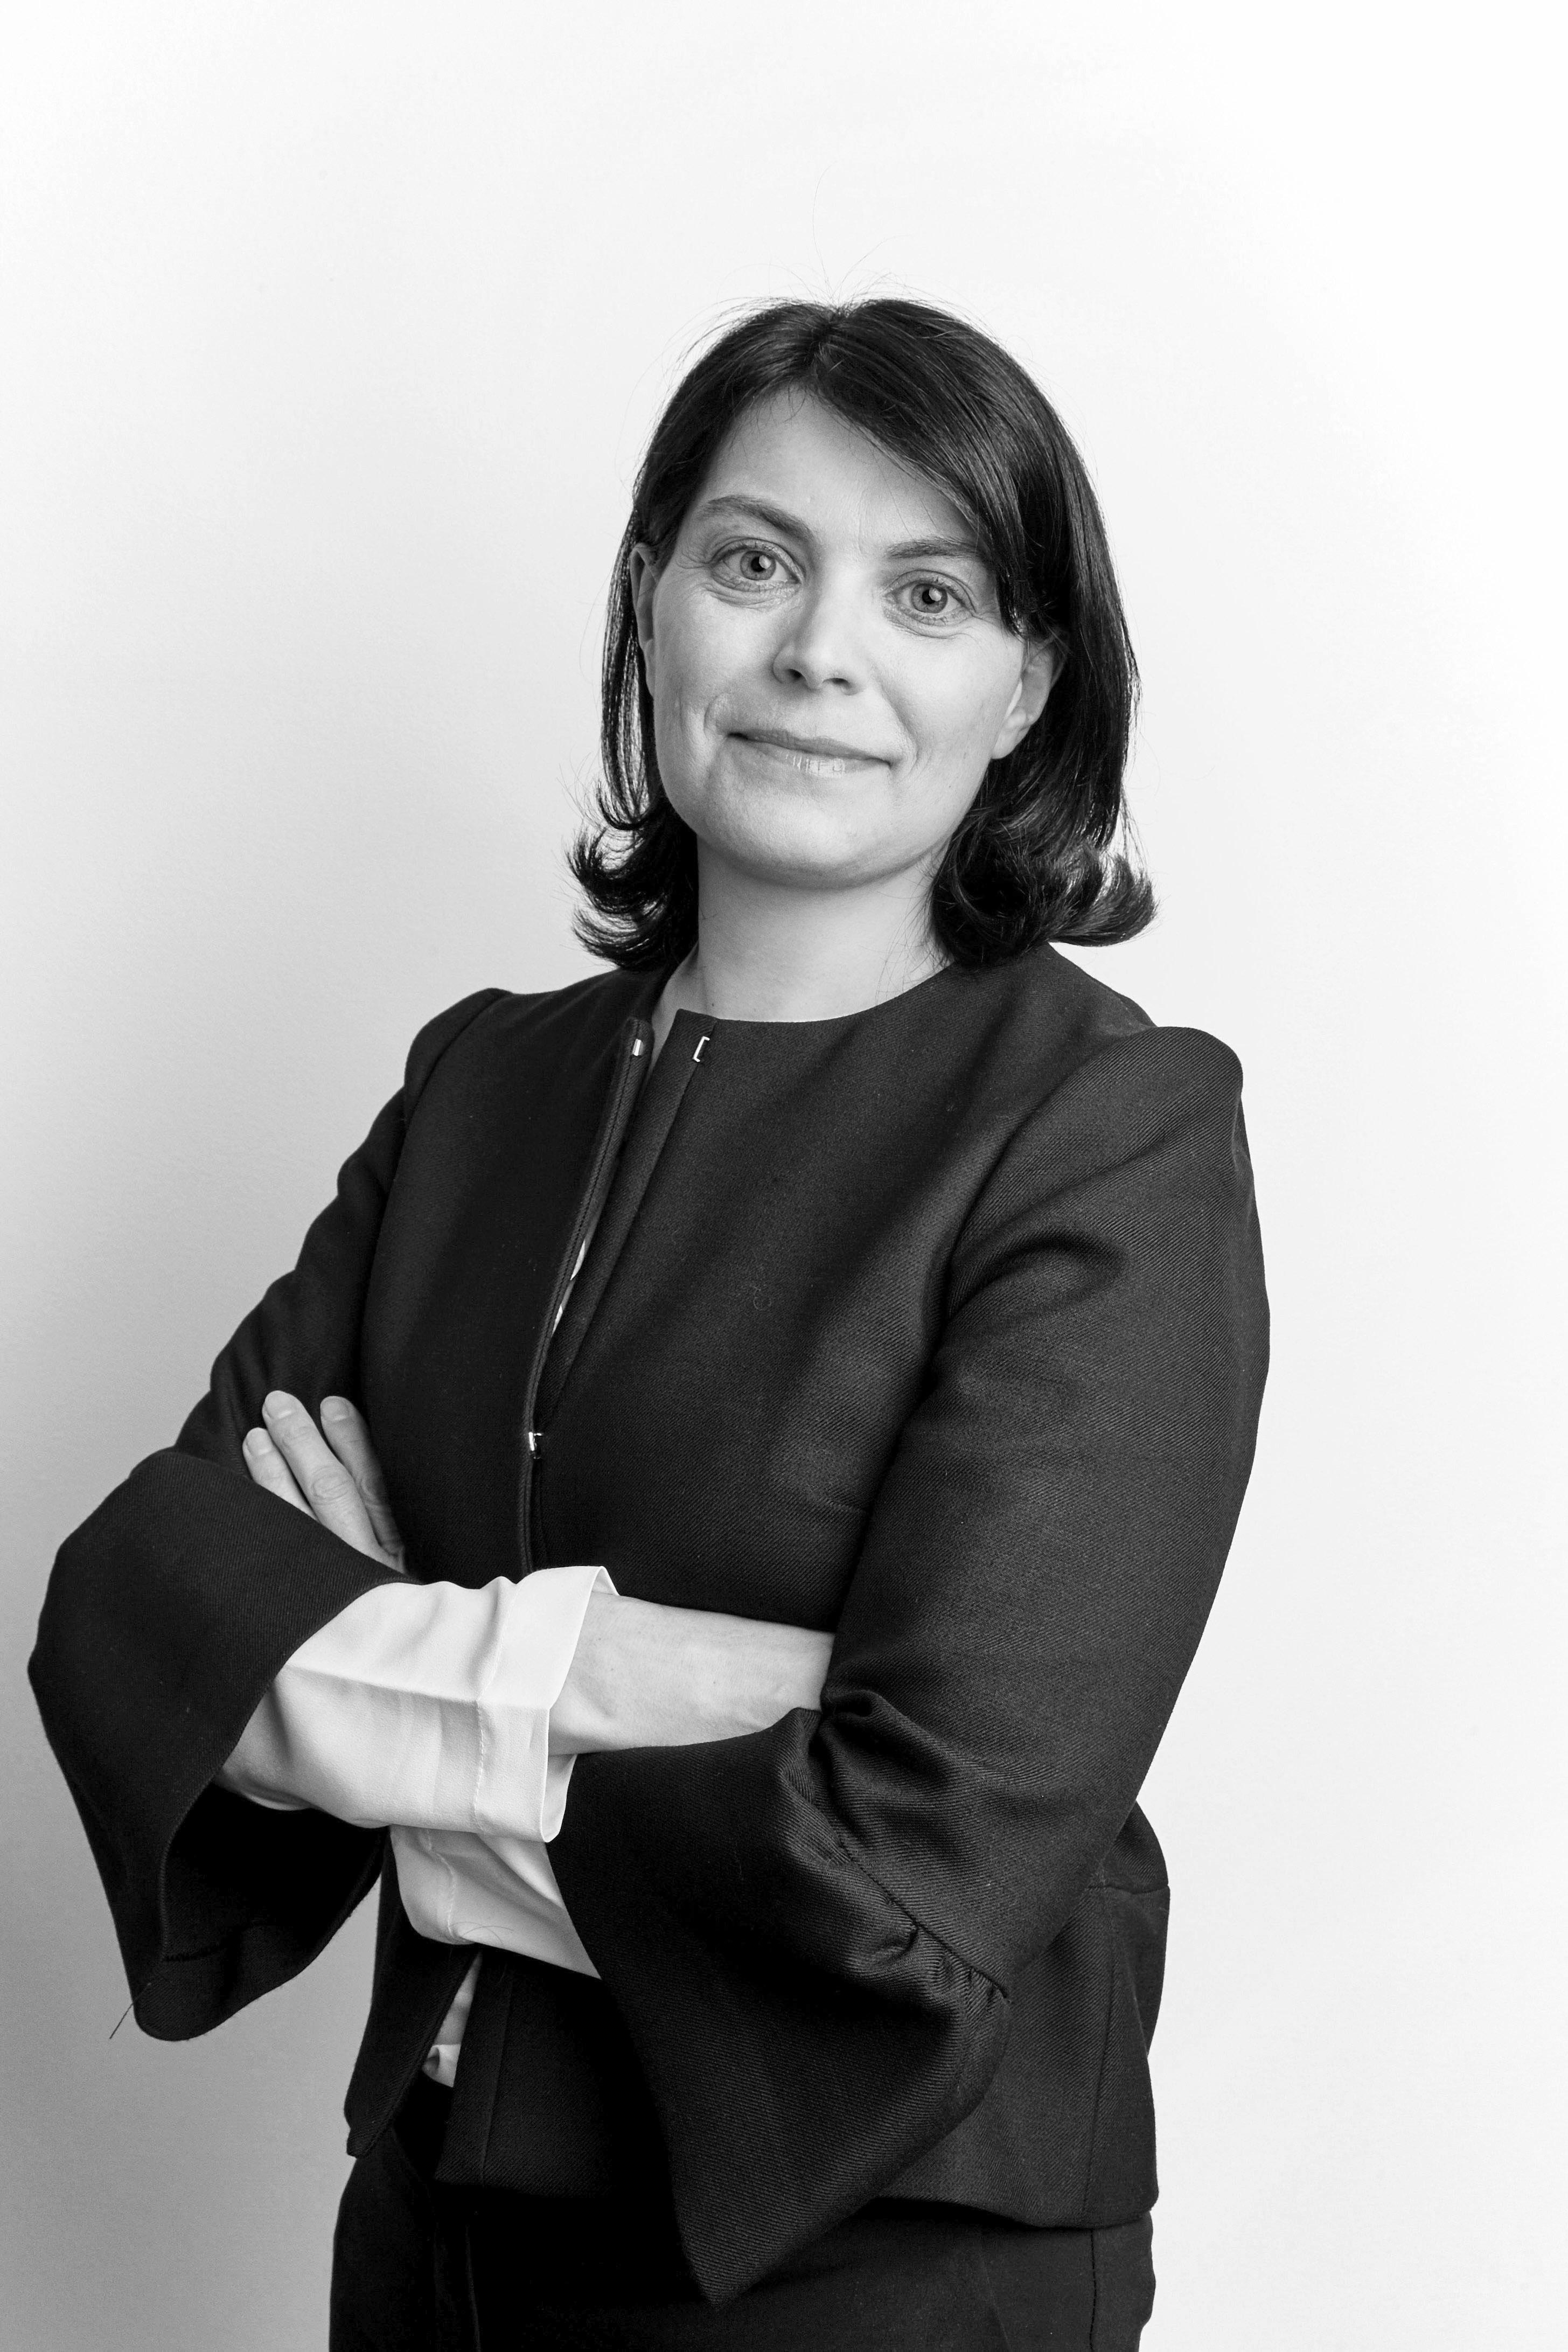 Anne-Sophie Cantrau